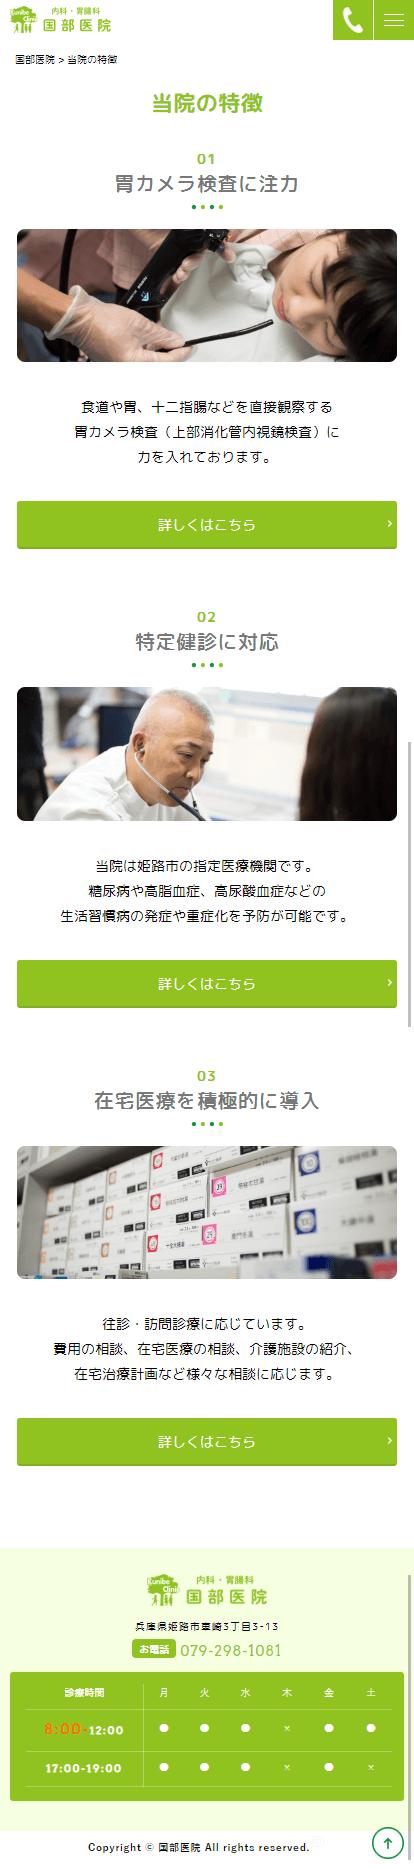 姫路市 国部医院 ホームページ制作4